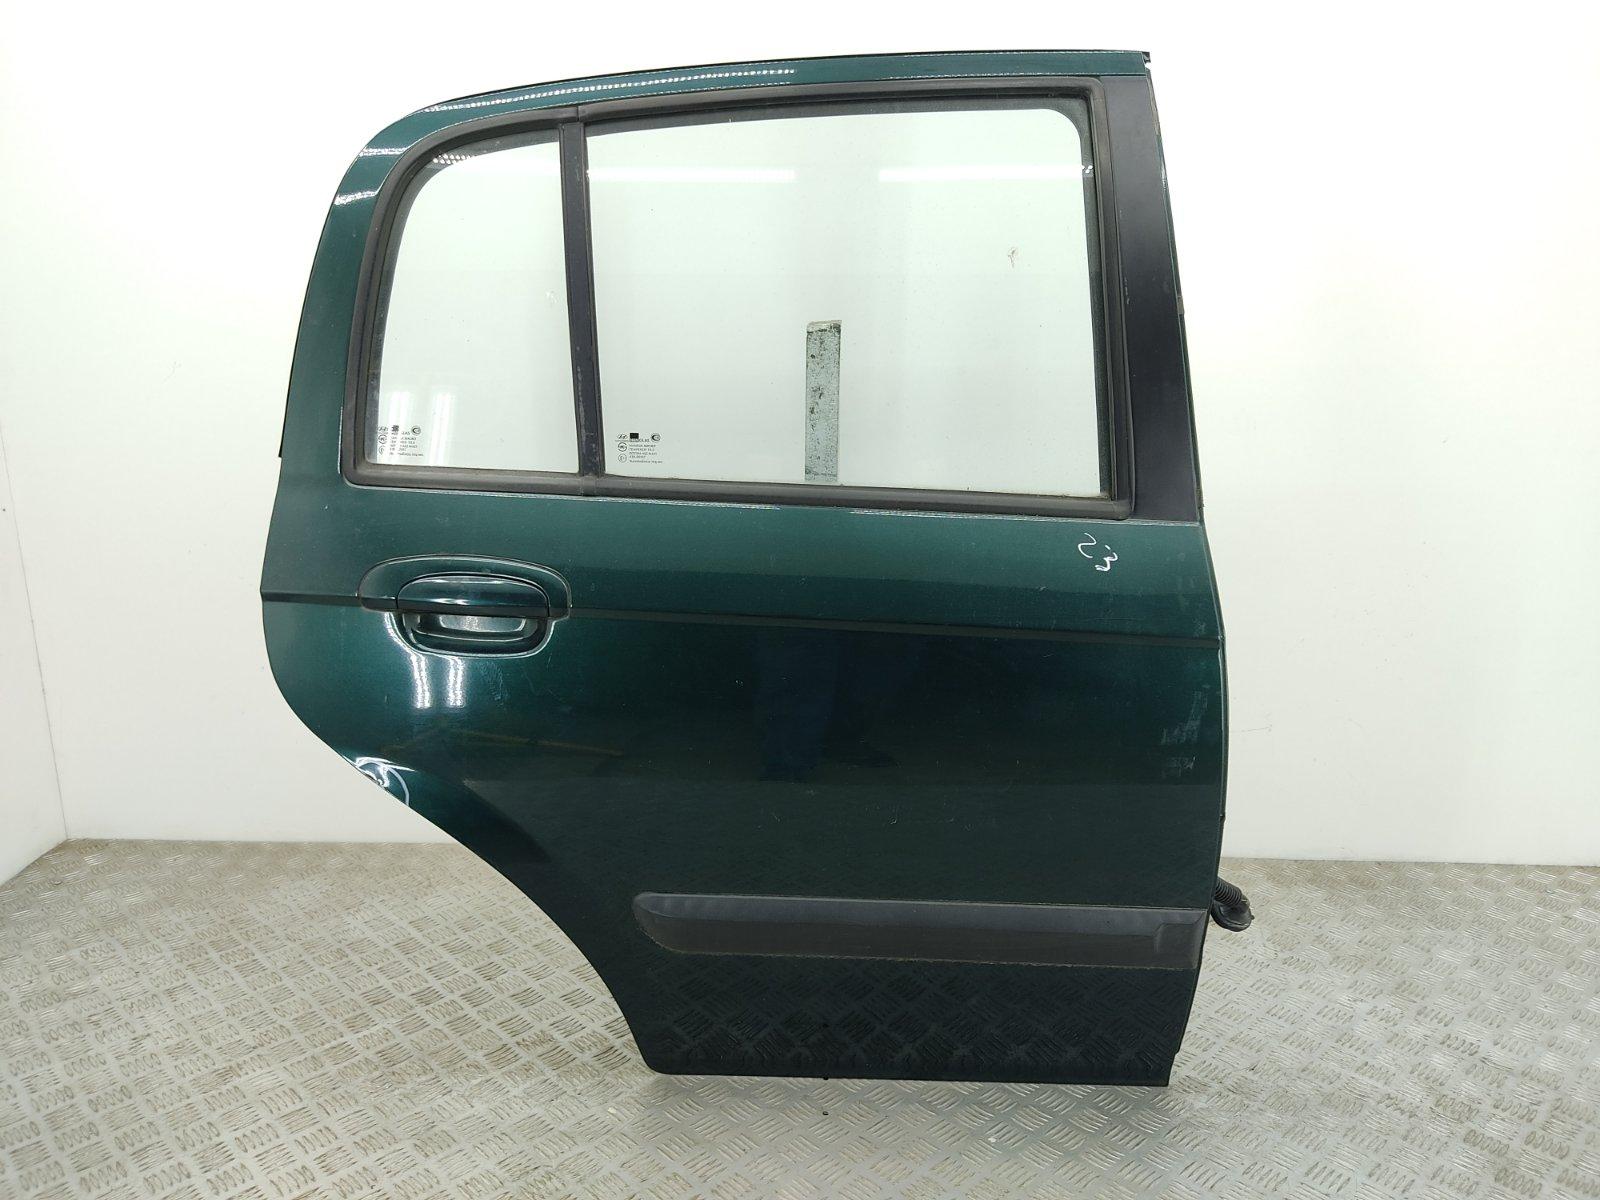 Дверь задняя правая Hyundai Getz 1.1 I 2003 (б/у)